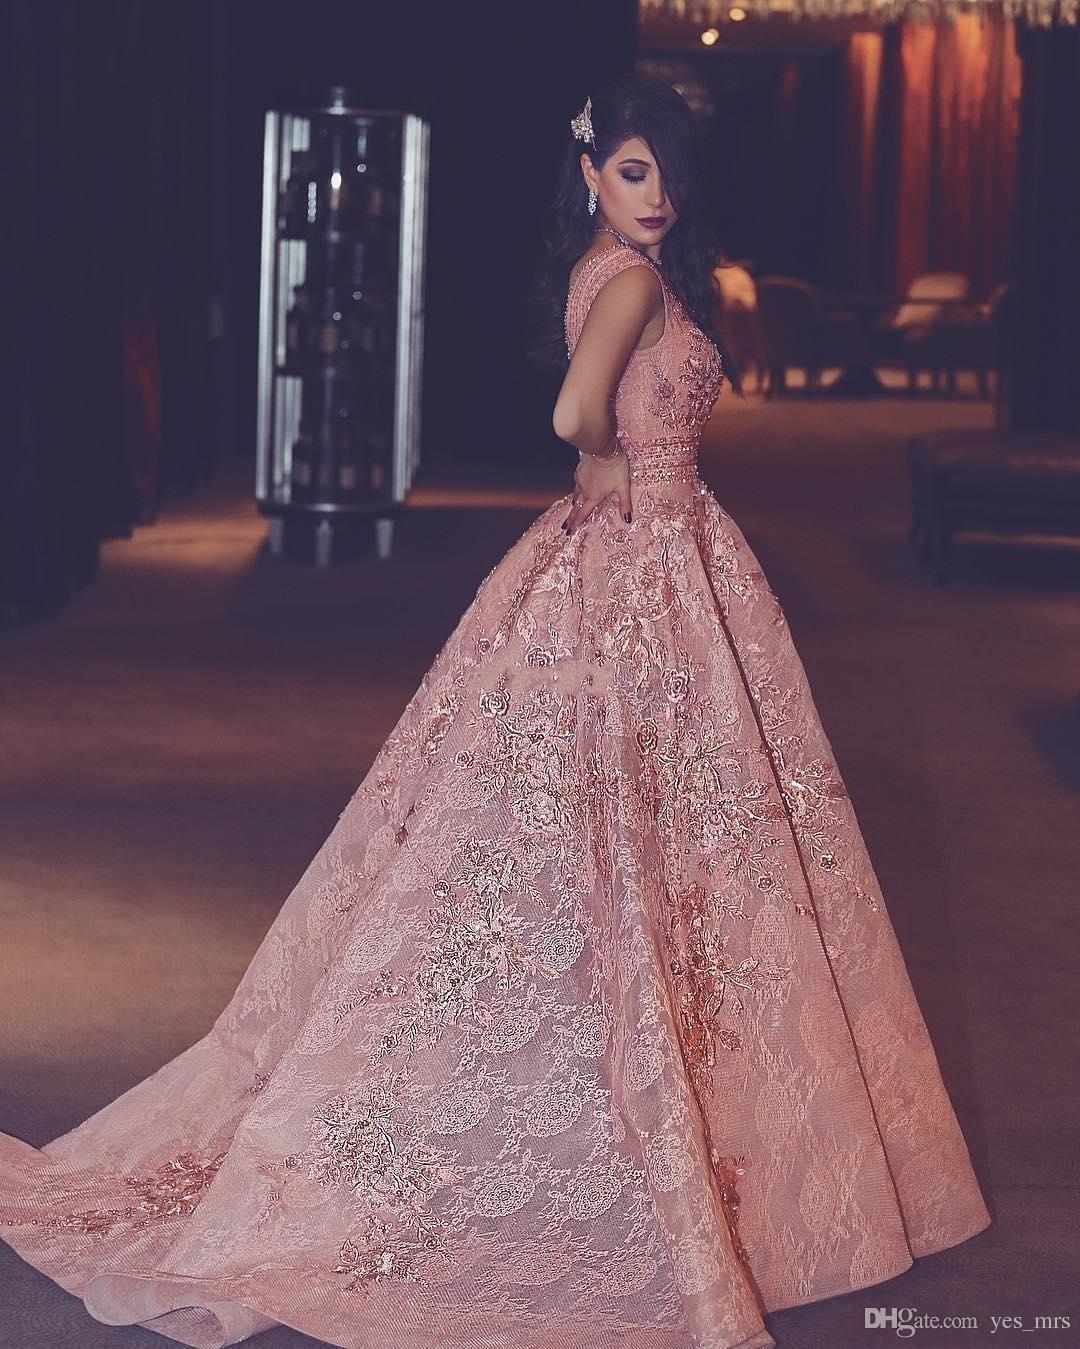 2020 Abendkleider tragen Luxurious mit V-Ausschnitt Sleeveless in voller SpitzeAppliques Perlen Kristall Sweep Zug plus Größen-formalen Partei-Kleid-Abschlussball-Kleider